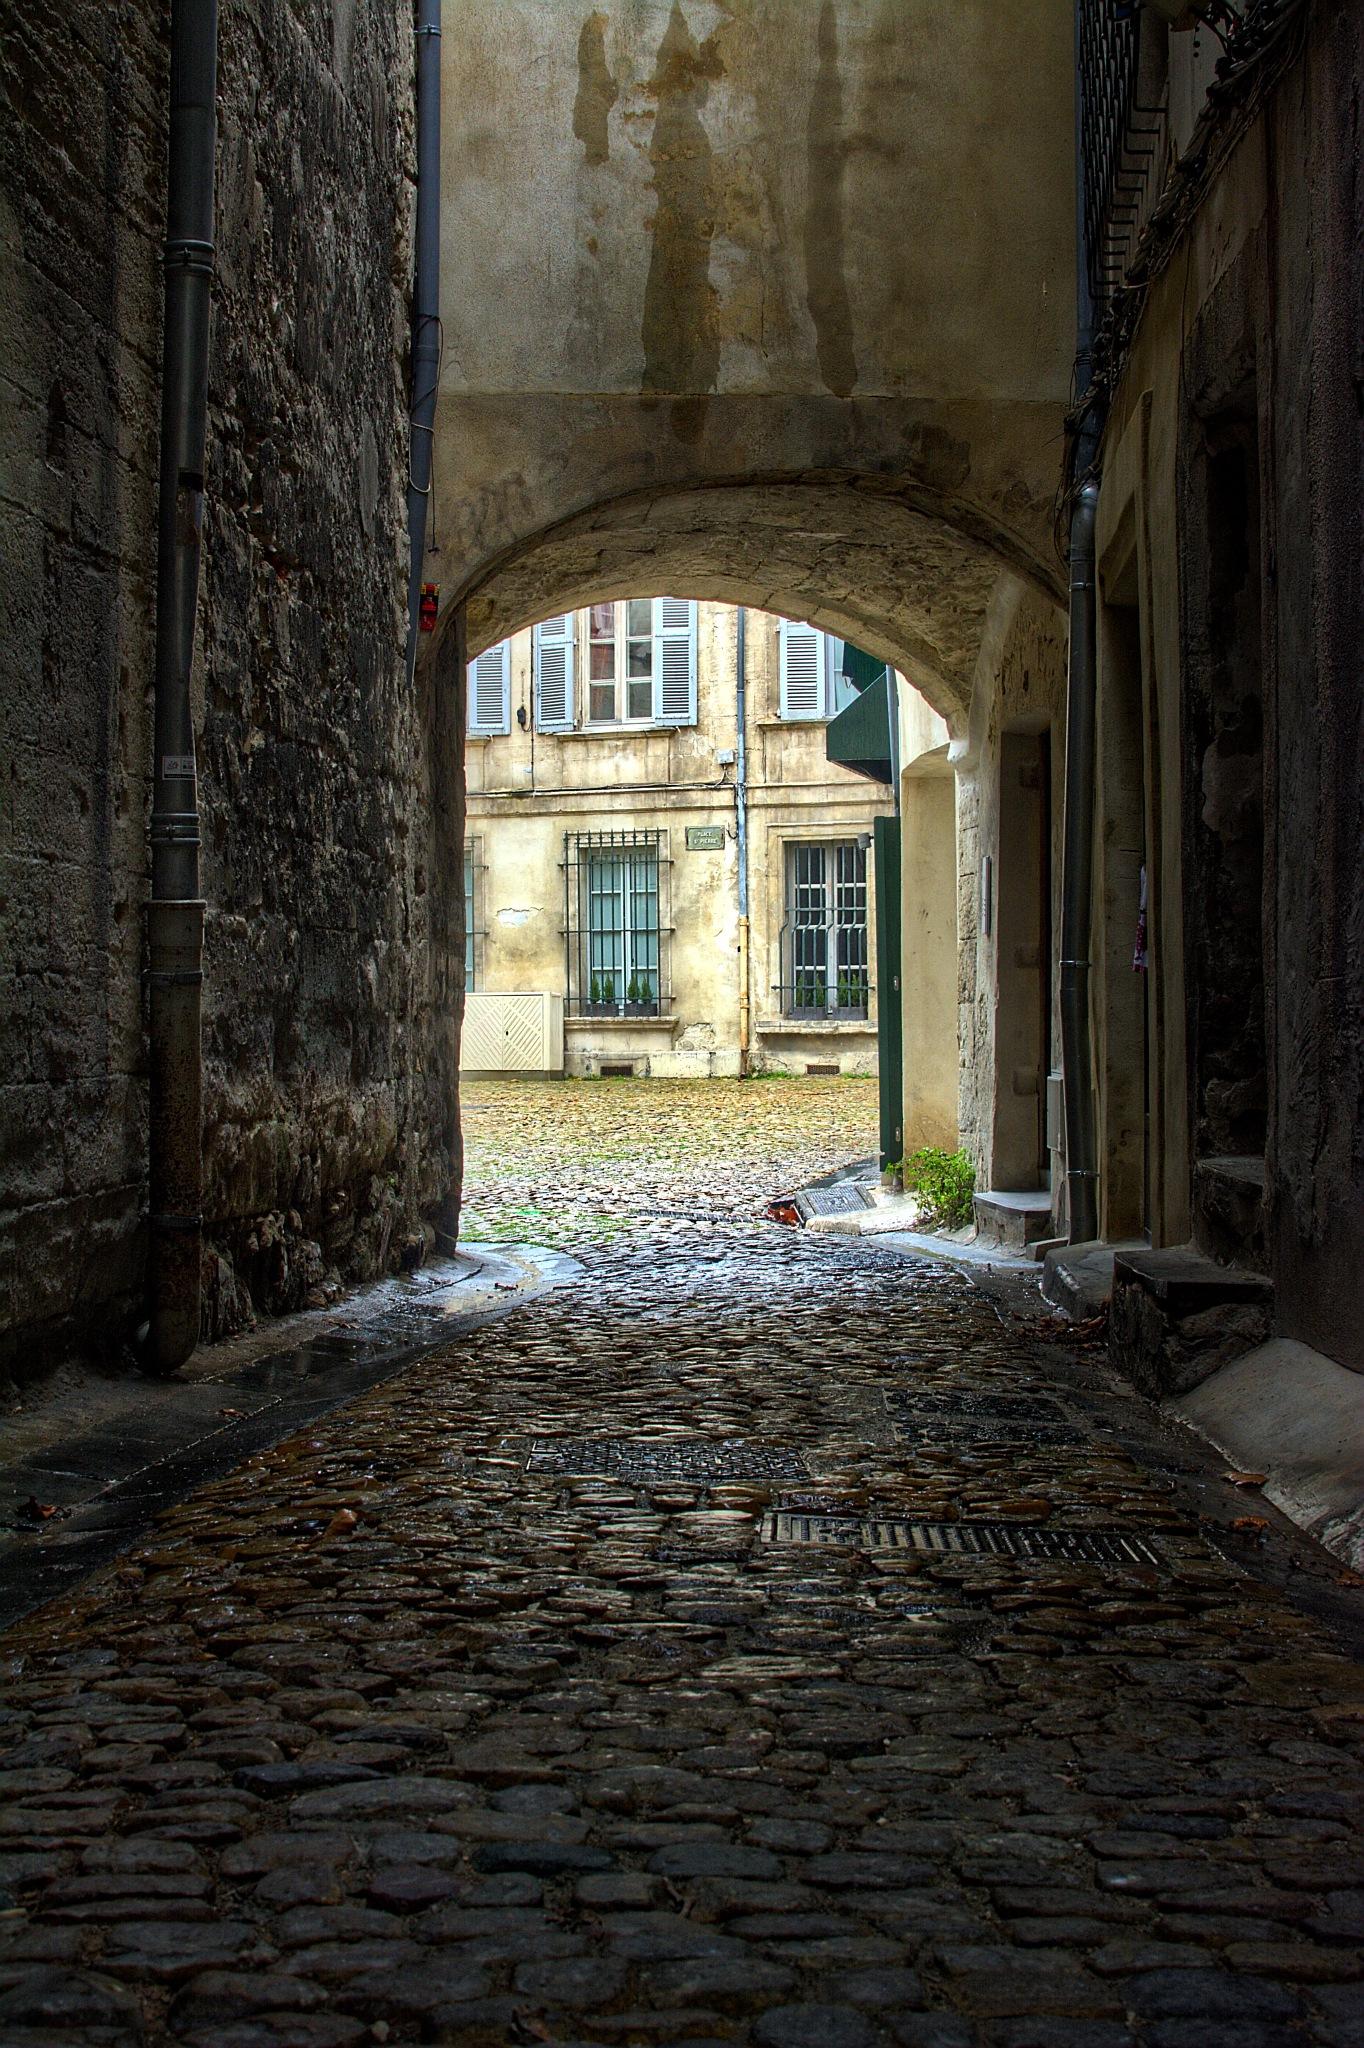 Sous le porche by Eric_Sicard